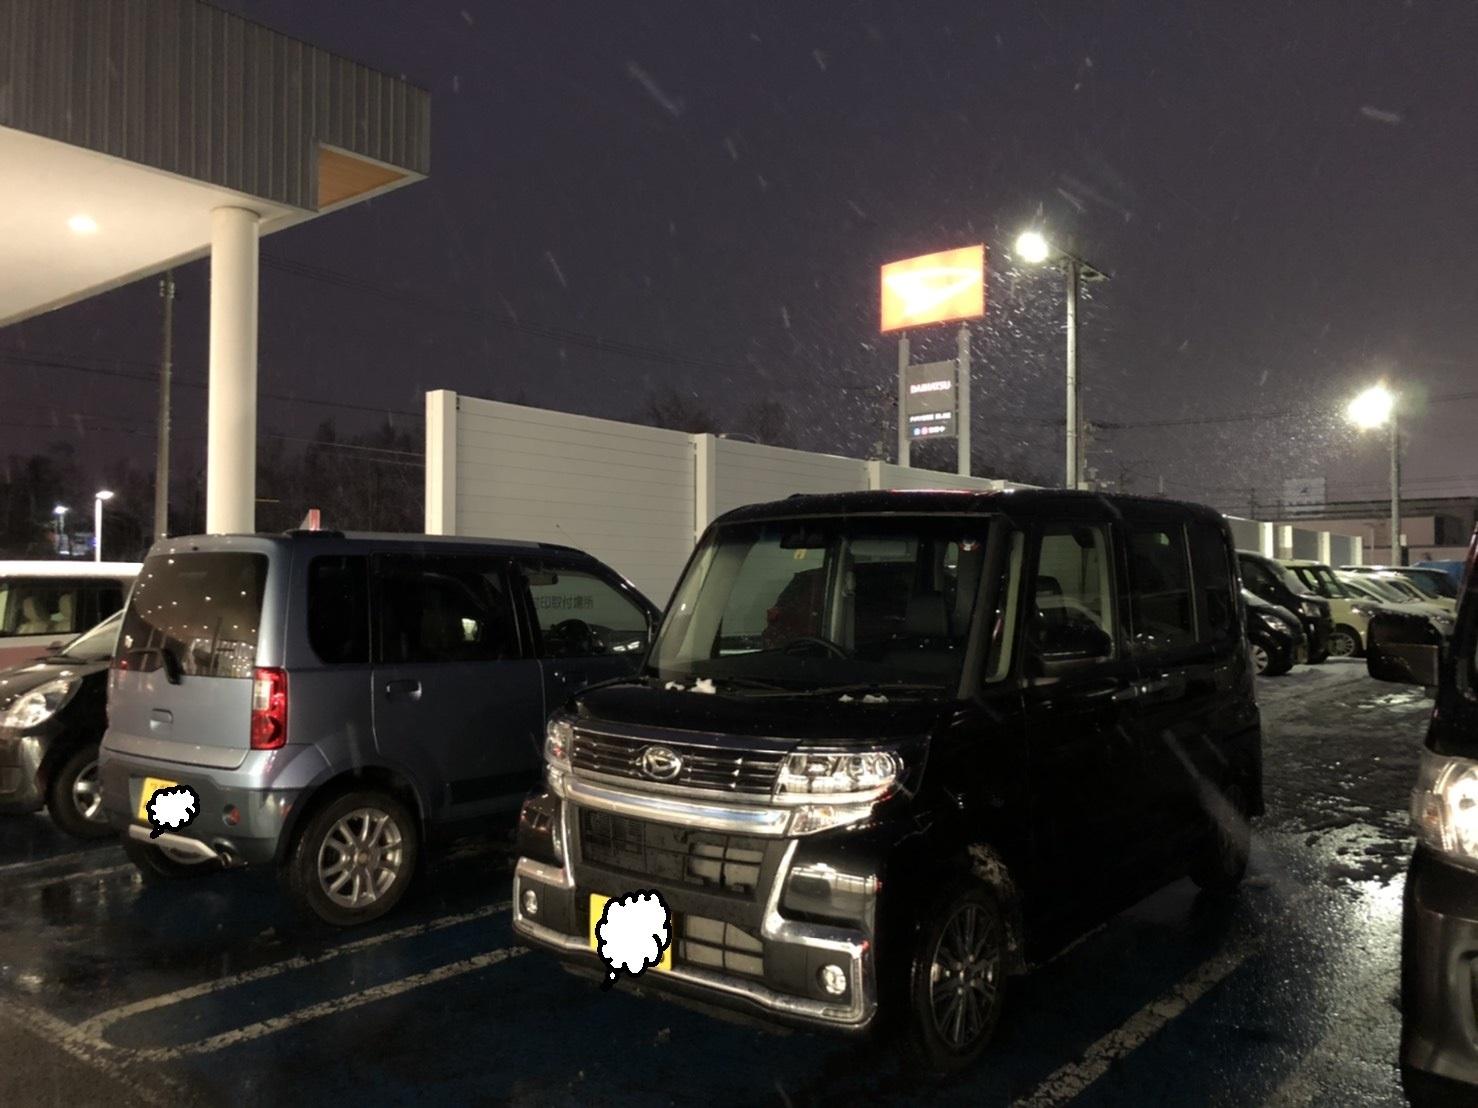 2月7日(金)本店ブログ♪BMW X1 xドライブ18d xライン 4WD ディーゼル車あります★ランクル ハマー エスカレードならTOMMY☆彡_b0127002_19280044.jpg